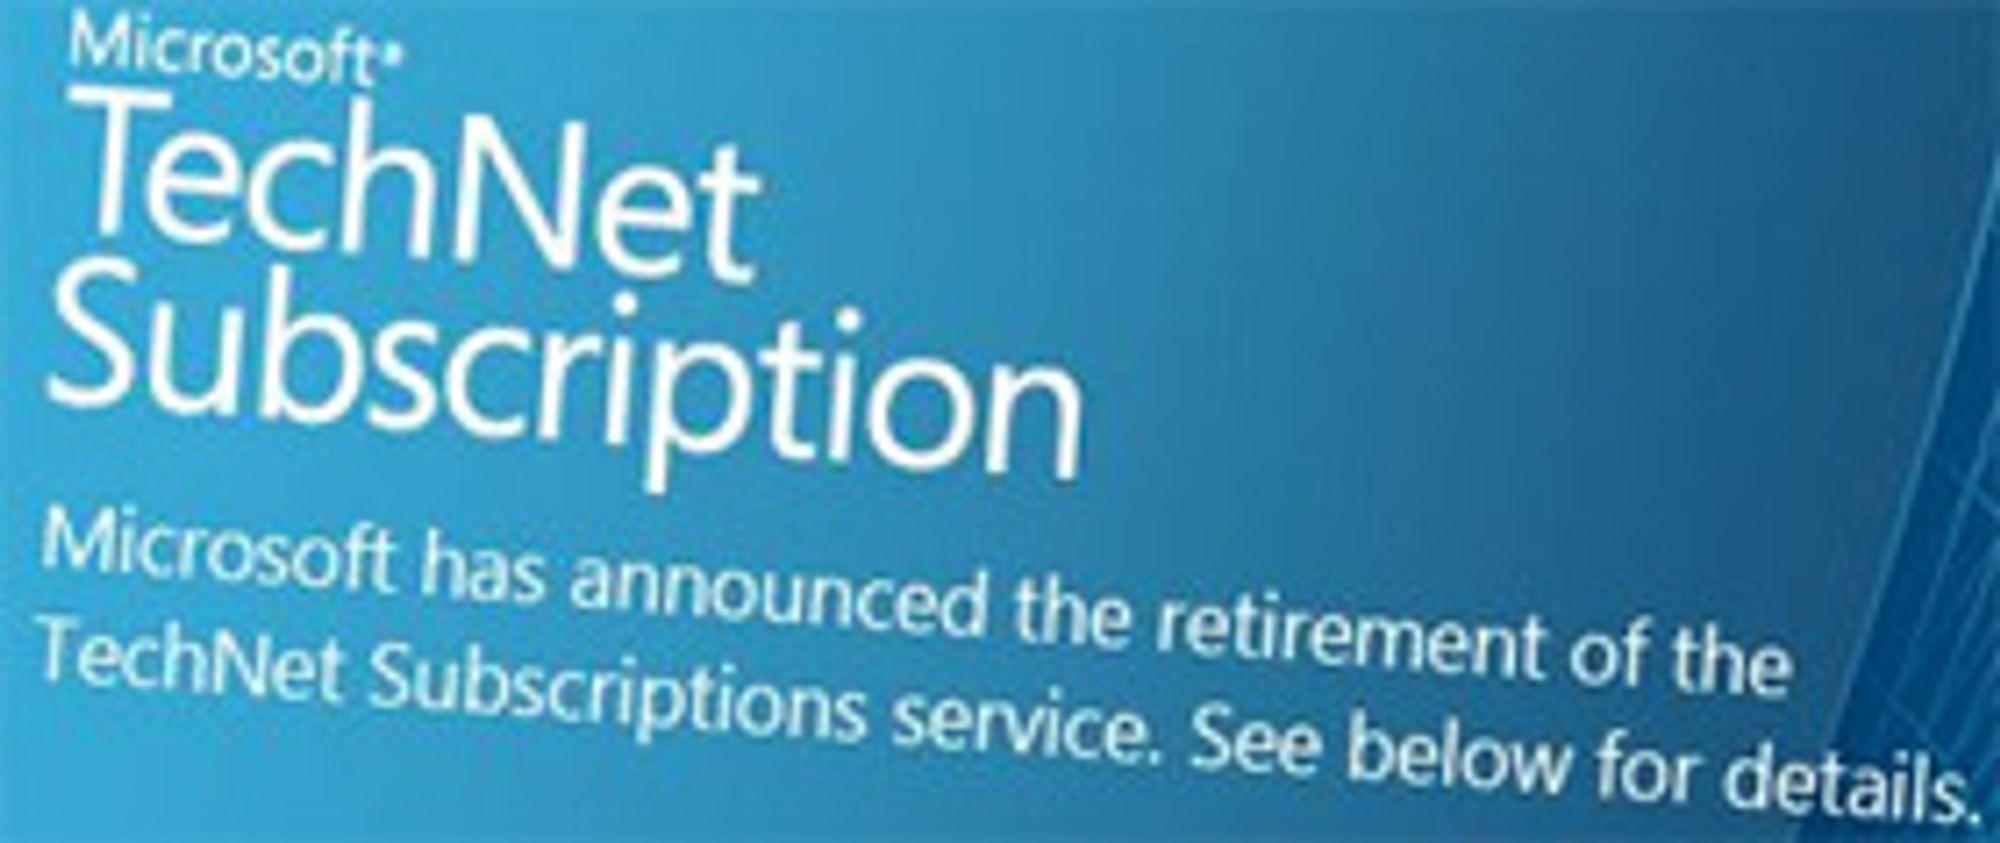 TechNet-abonnementene kommer nok til å bli savnet av mange.